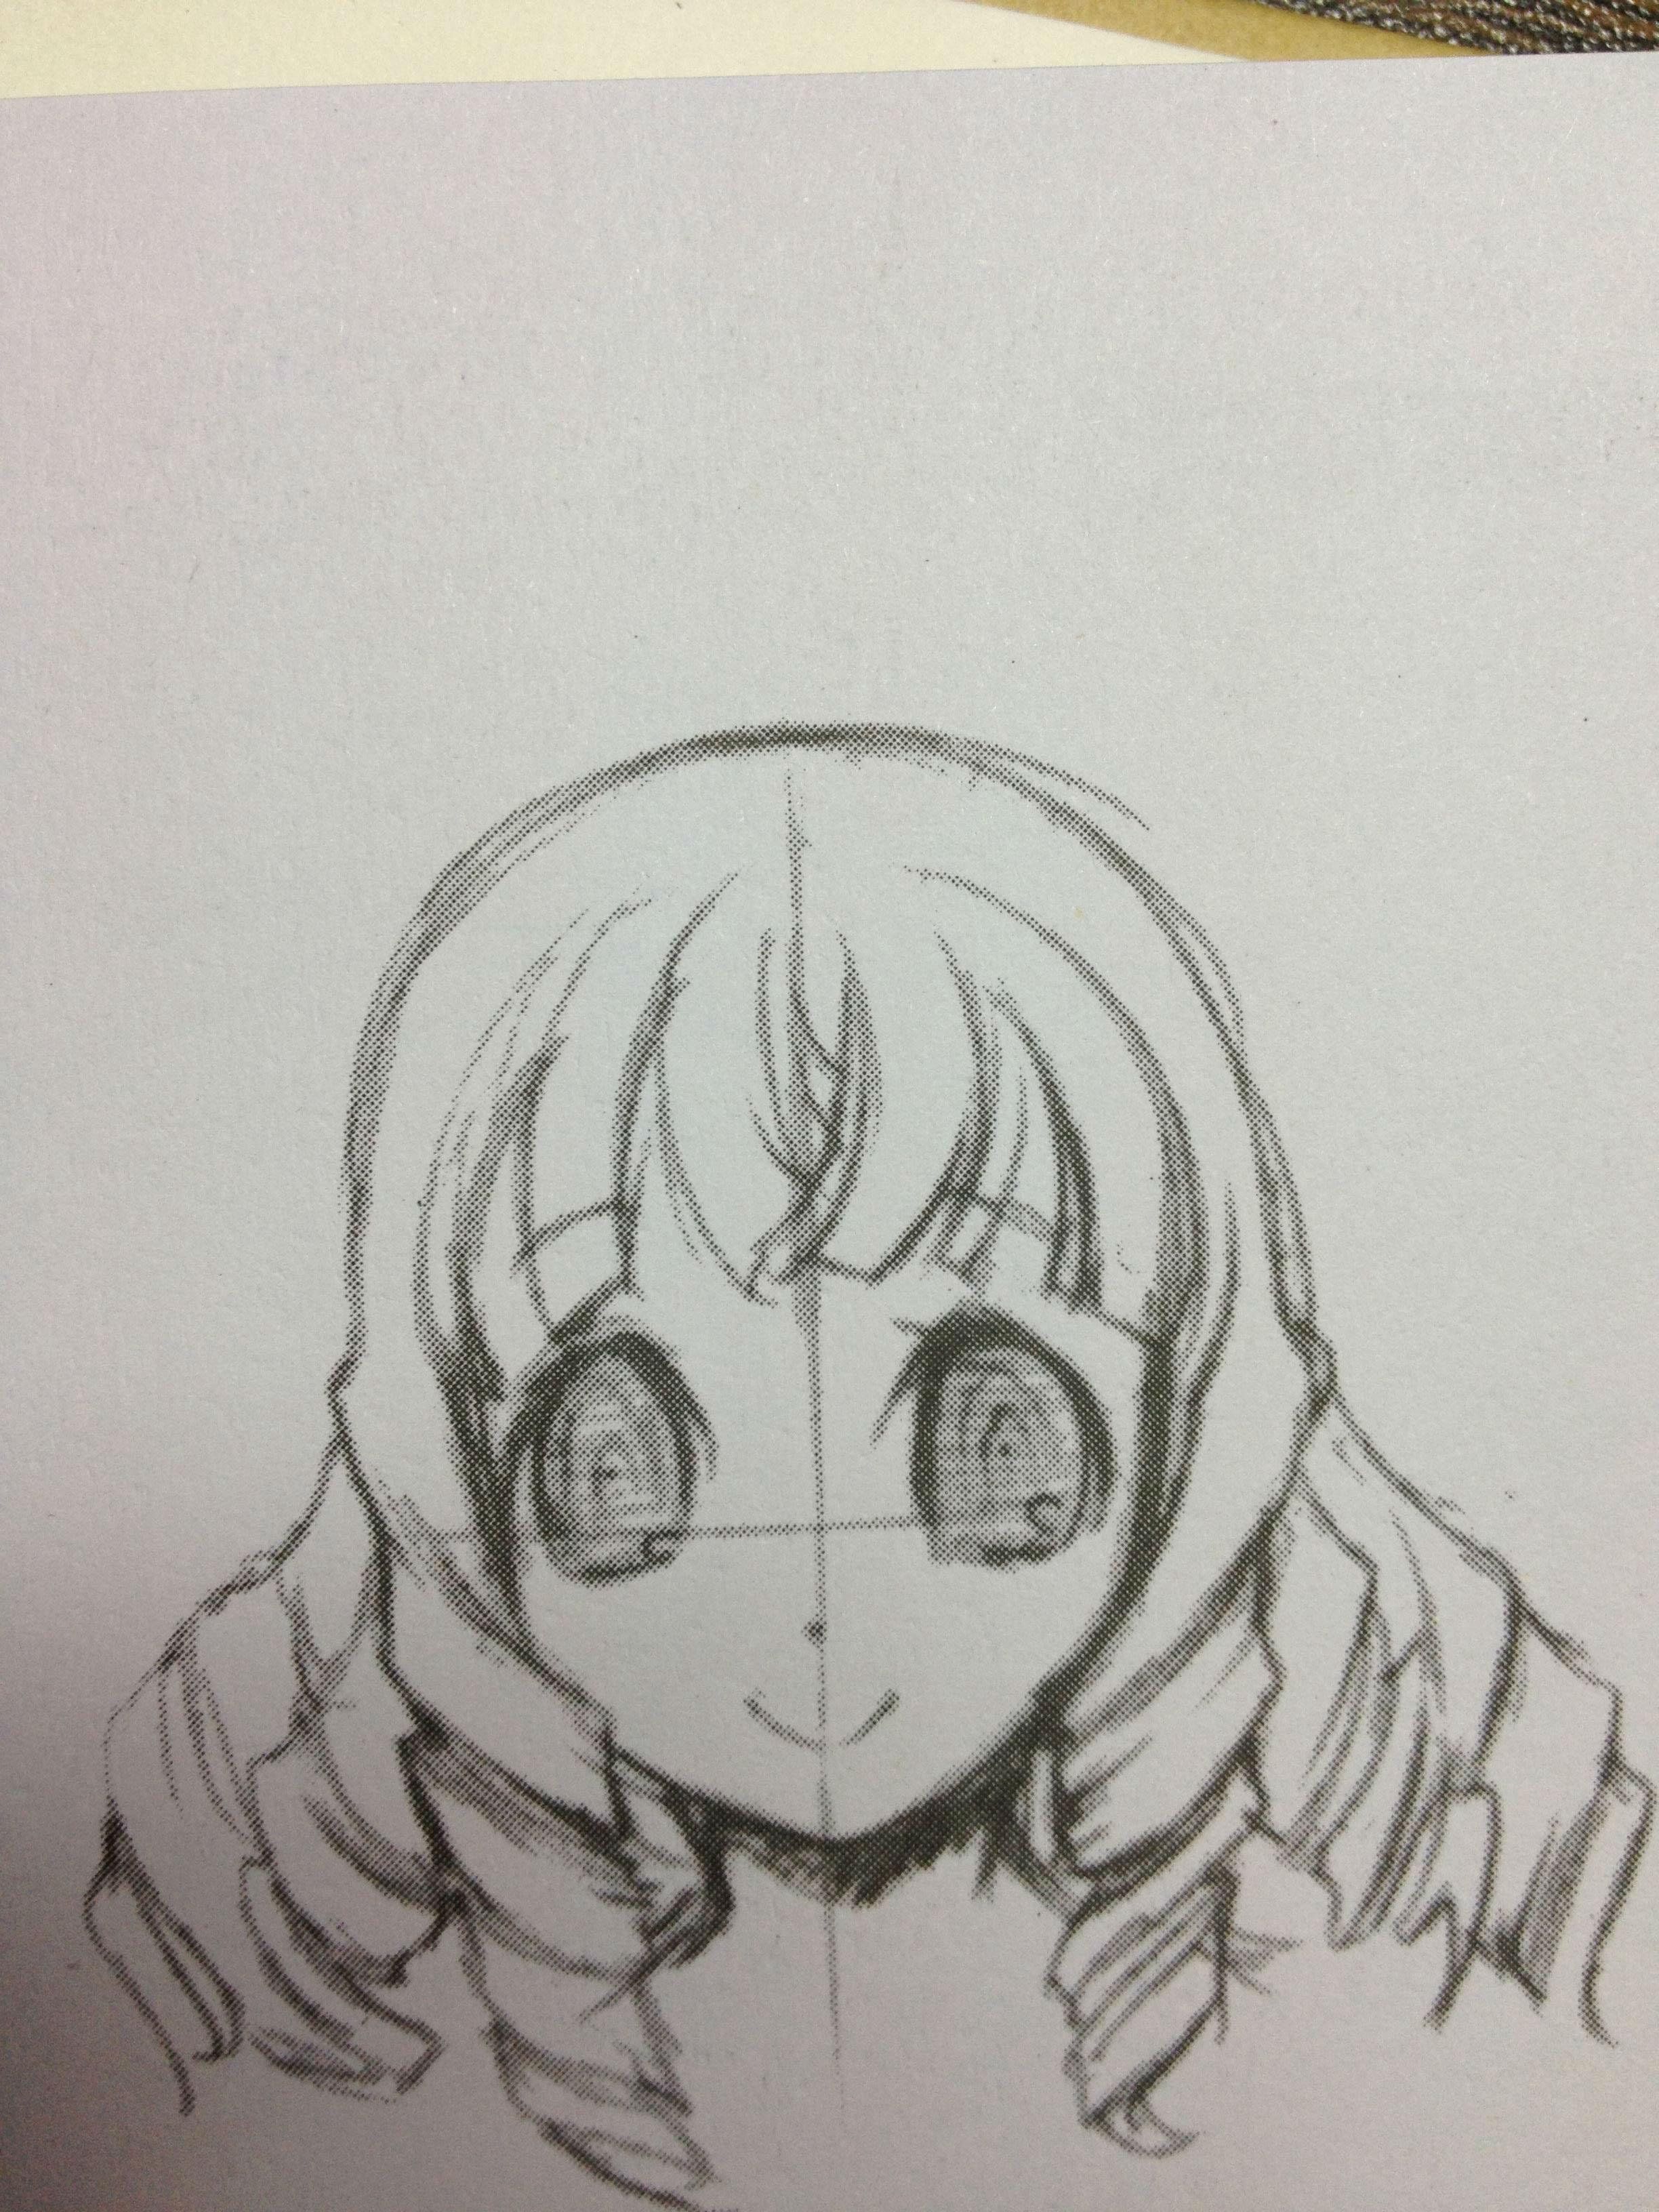 【彩蝶】教你怎样画萌系美少女~~喜欢画画的孩纸(戳进来~~)